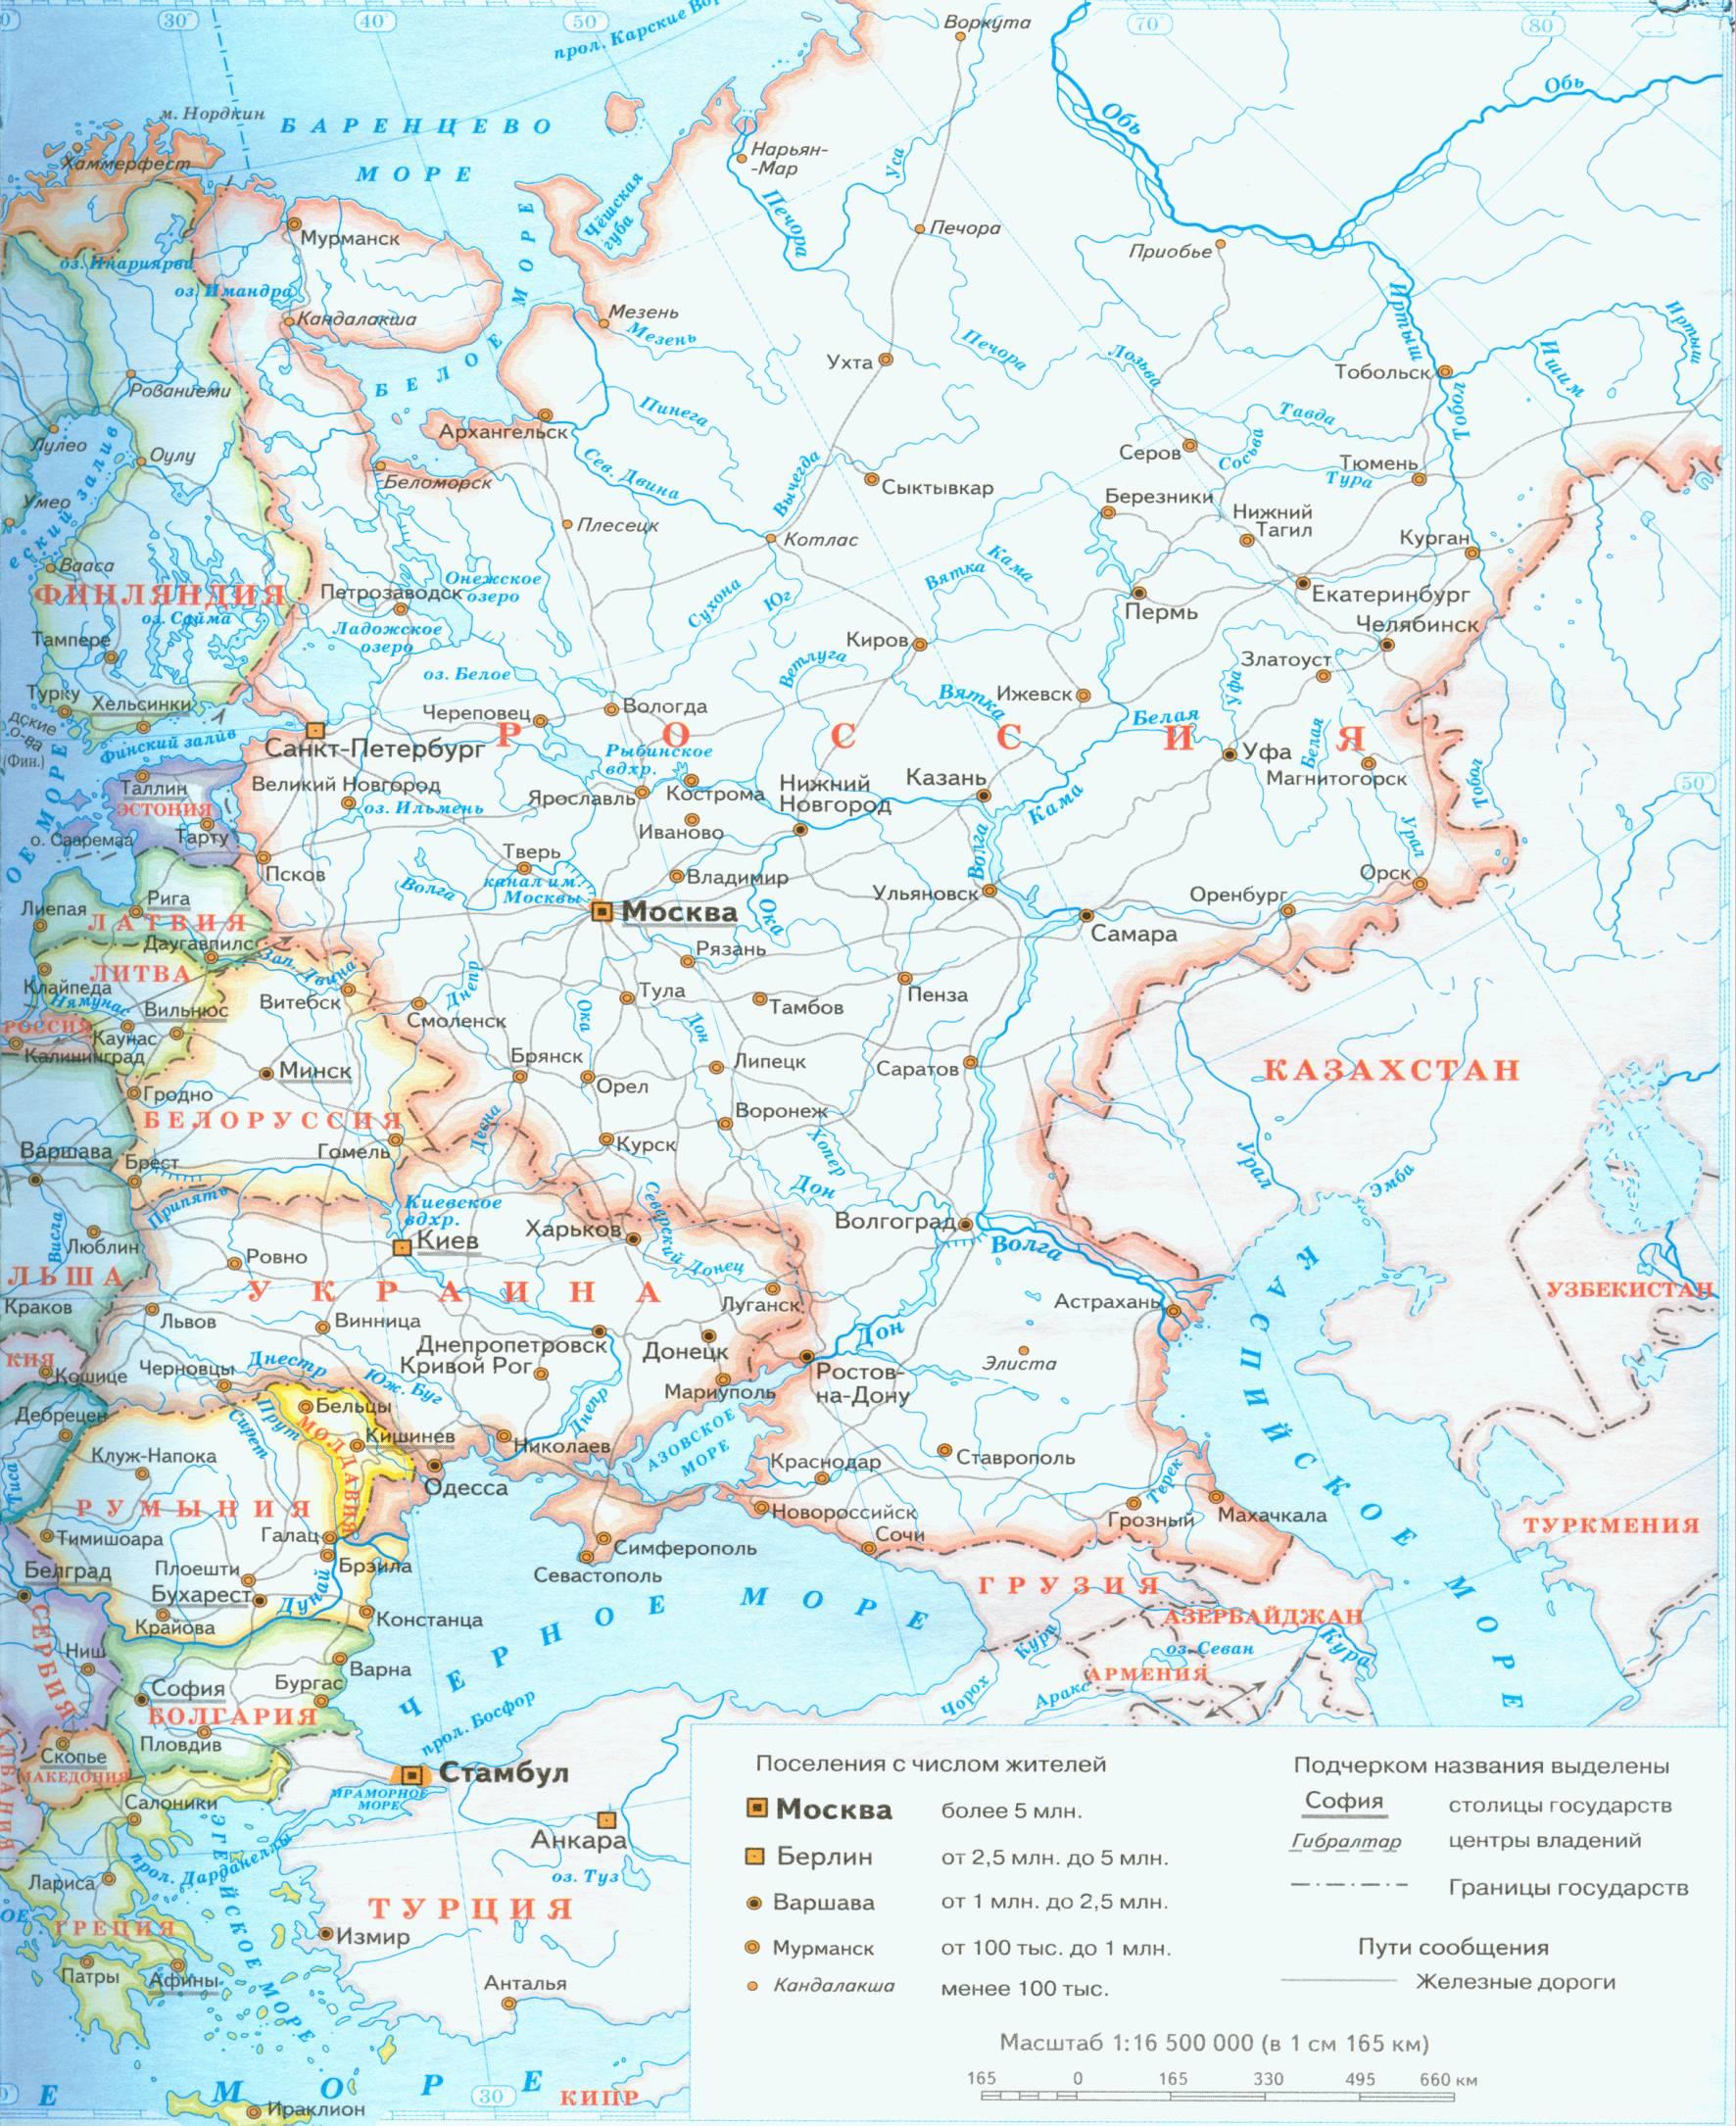 Страны европы скачать карту